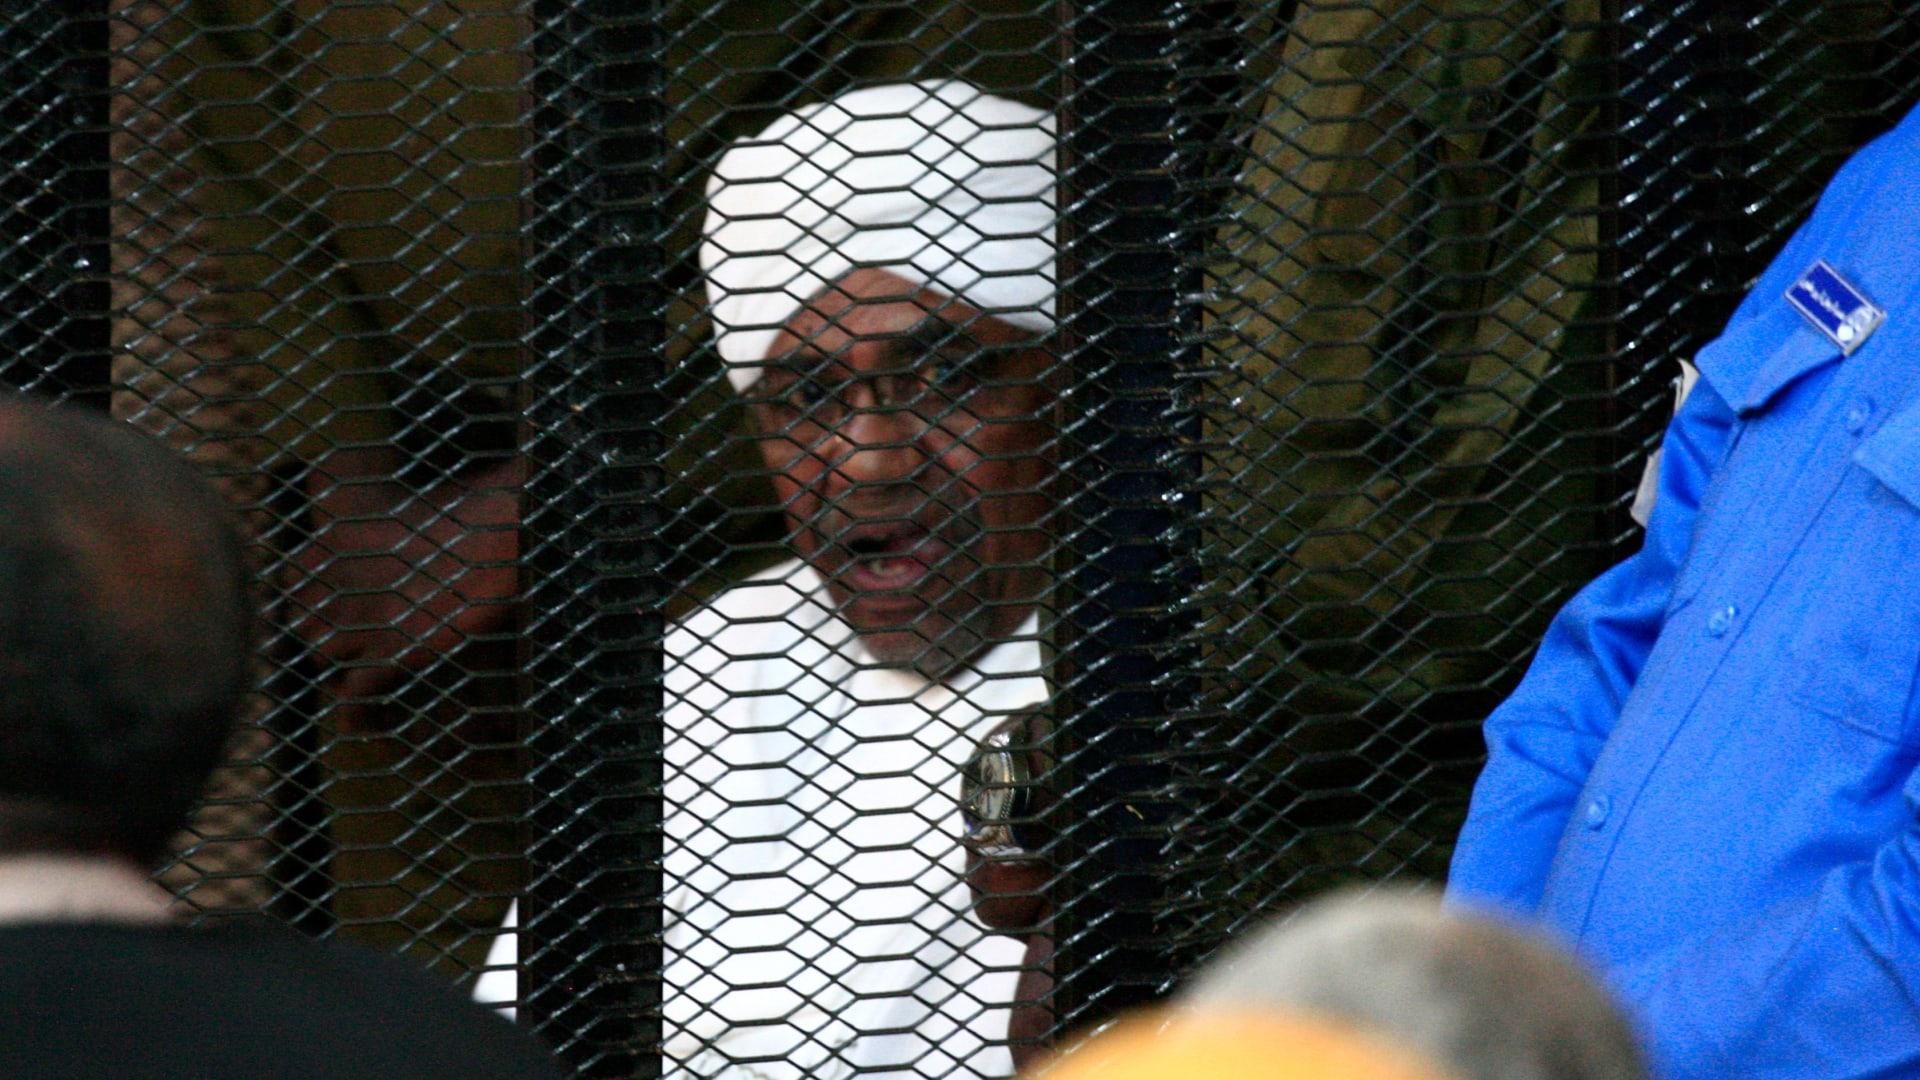 عمر البشير من قاعة المحكمة إلى مغادرته برفقة حراسة مشددة